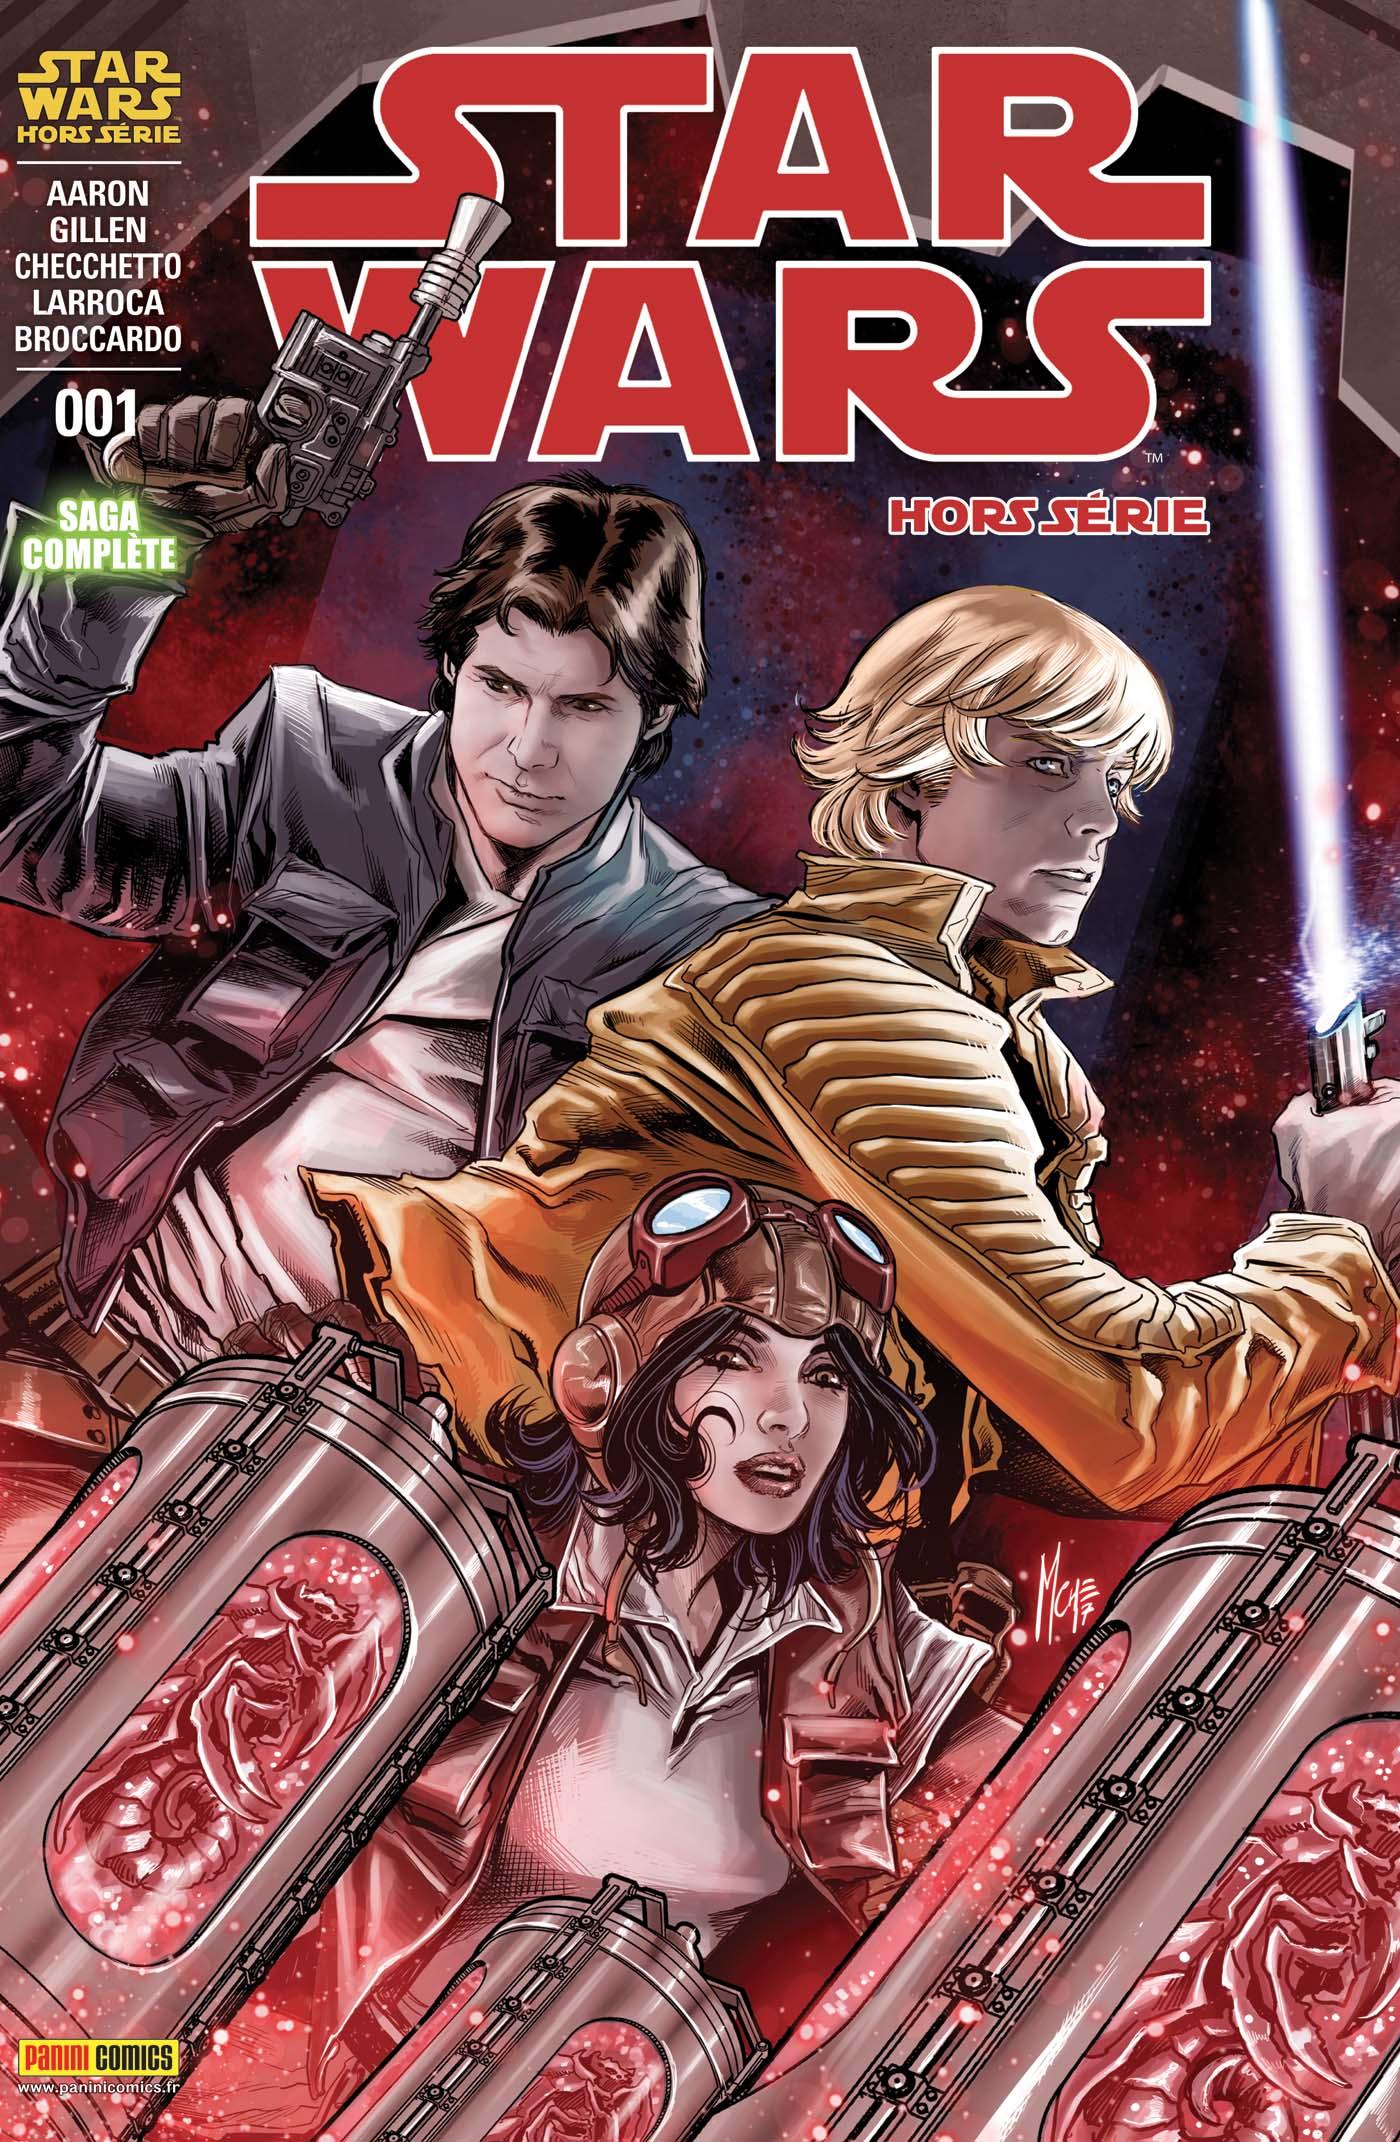 Star Wars Hors Série 1 - Couverture régulière 1/2